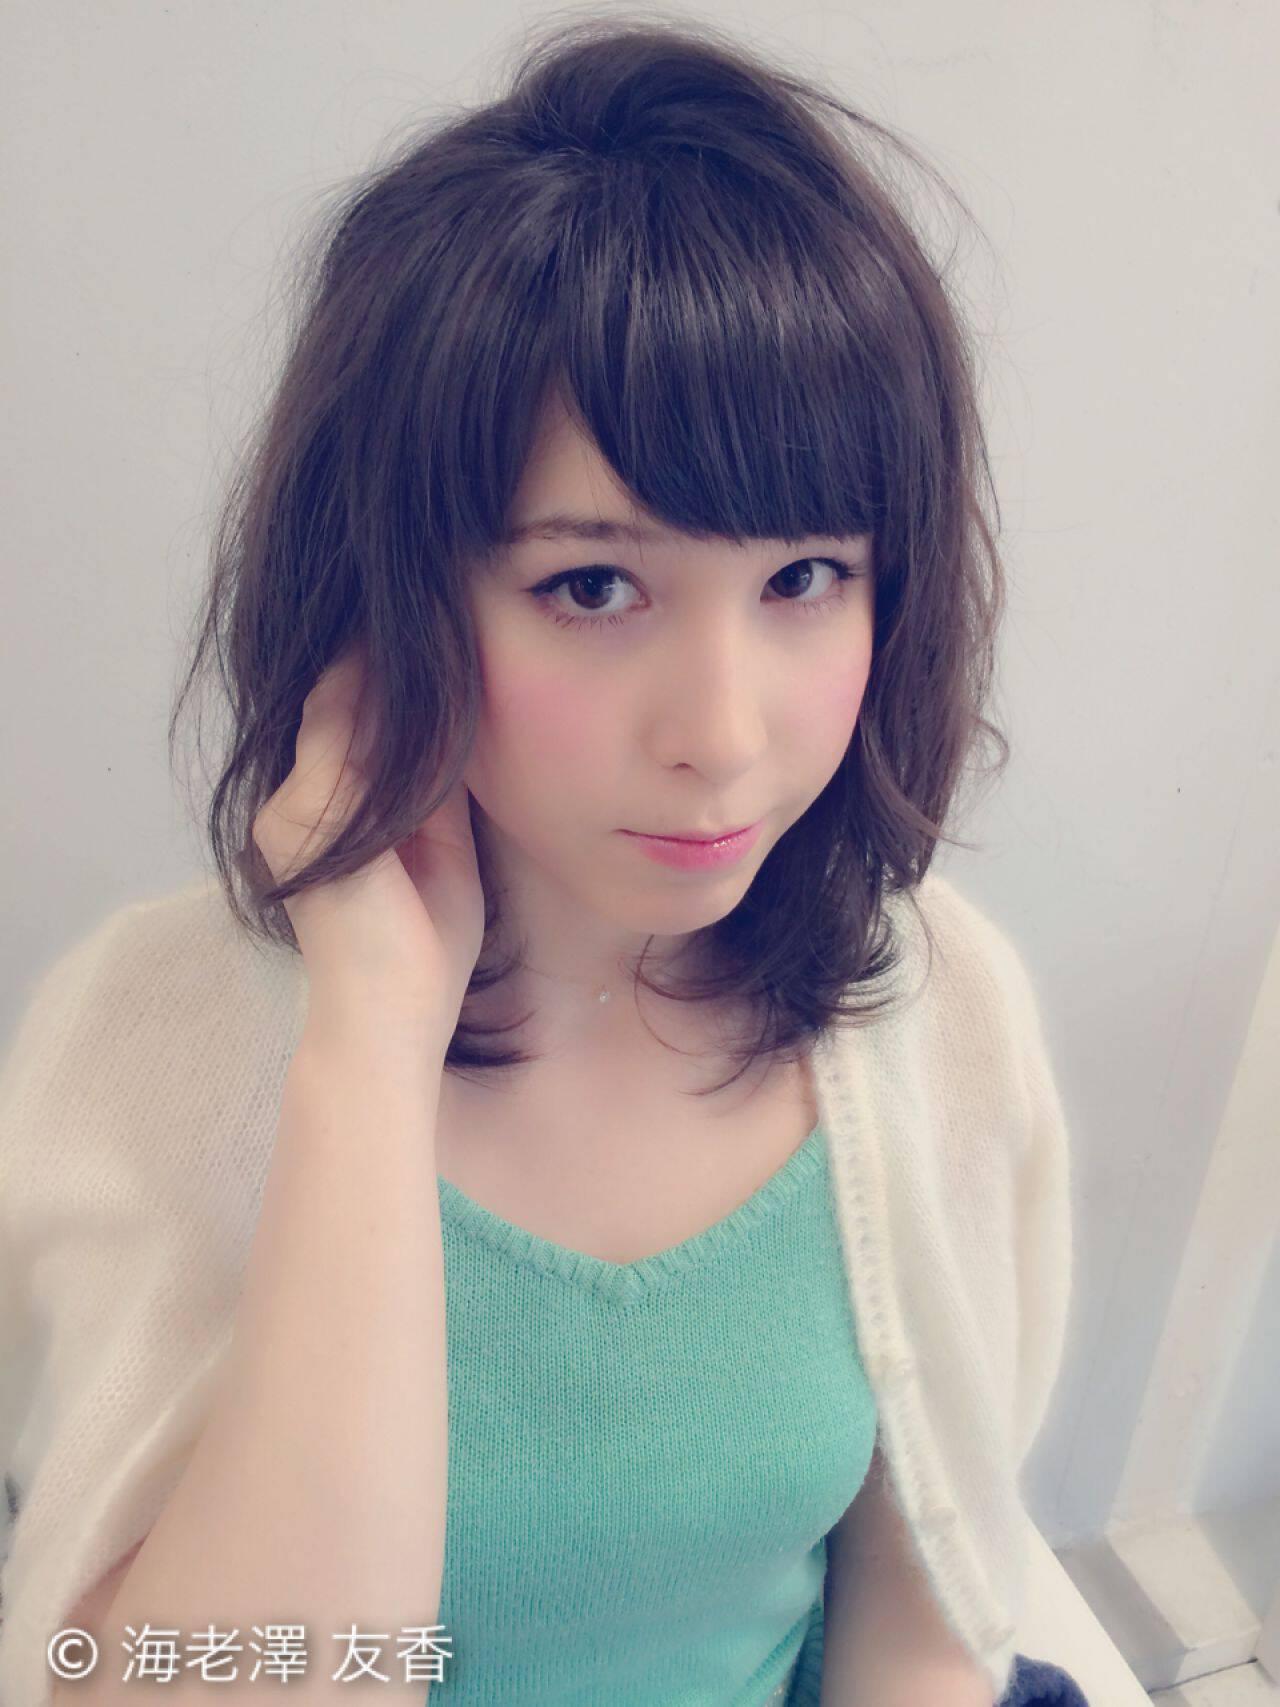 モテ髪 フェミニン ショート ボブヘアスタイルや髪型の写真・画像